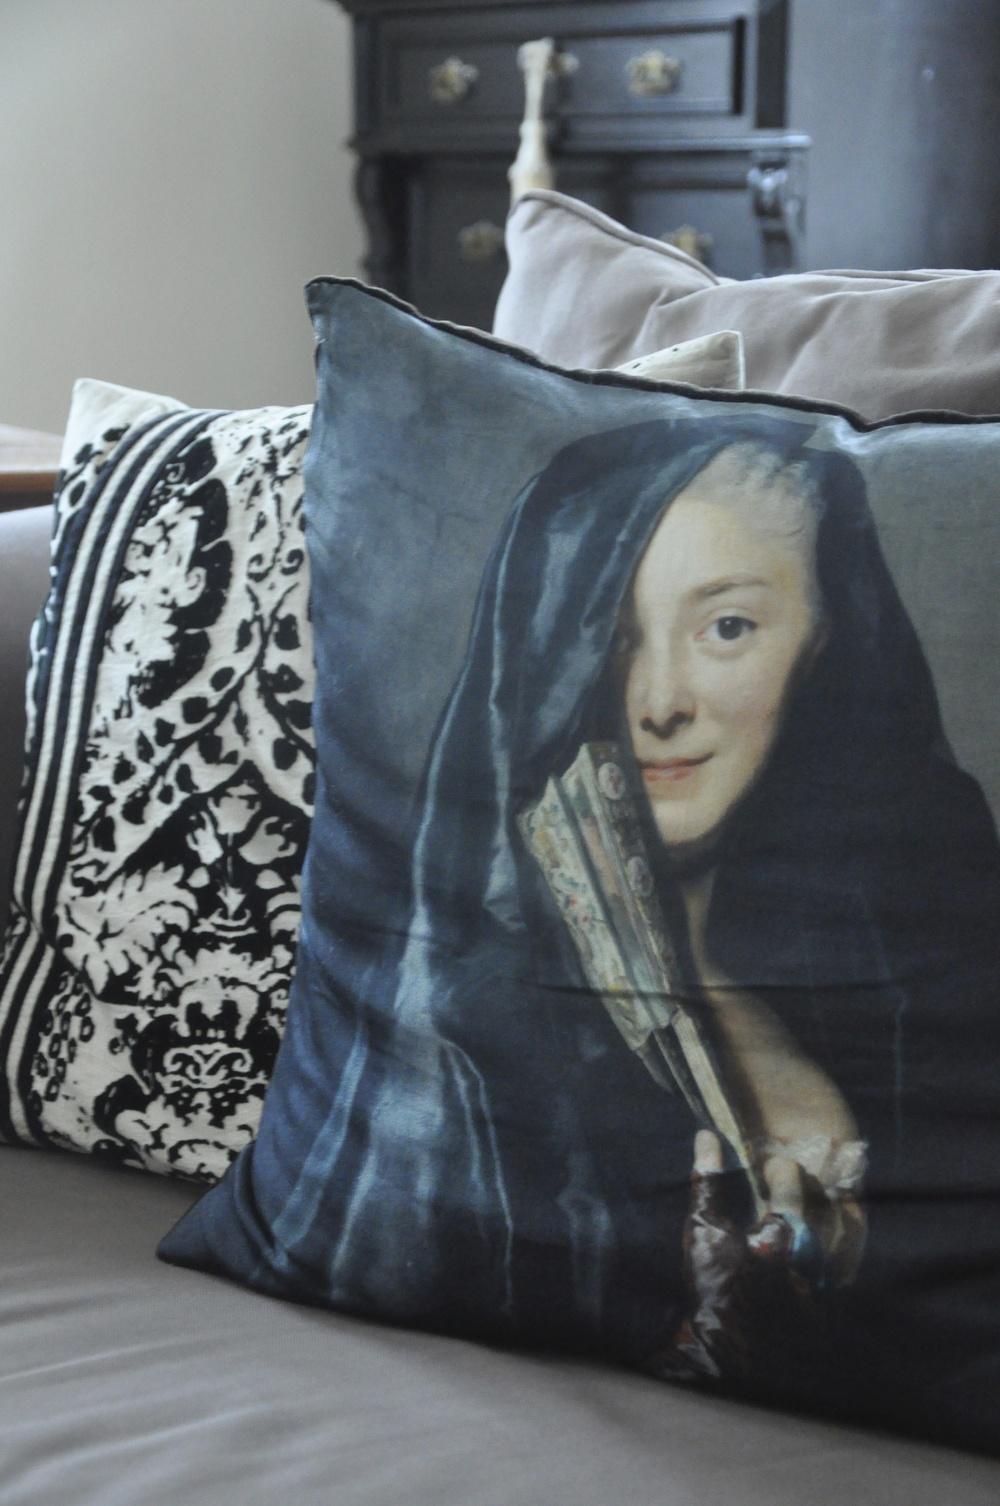 Kudde med motiv av konstnären Alexander Roslin - Damen med slöjan   Foto:  Palatsliv